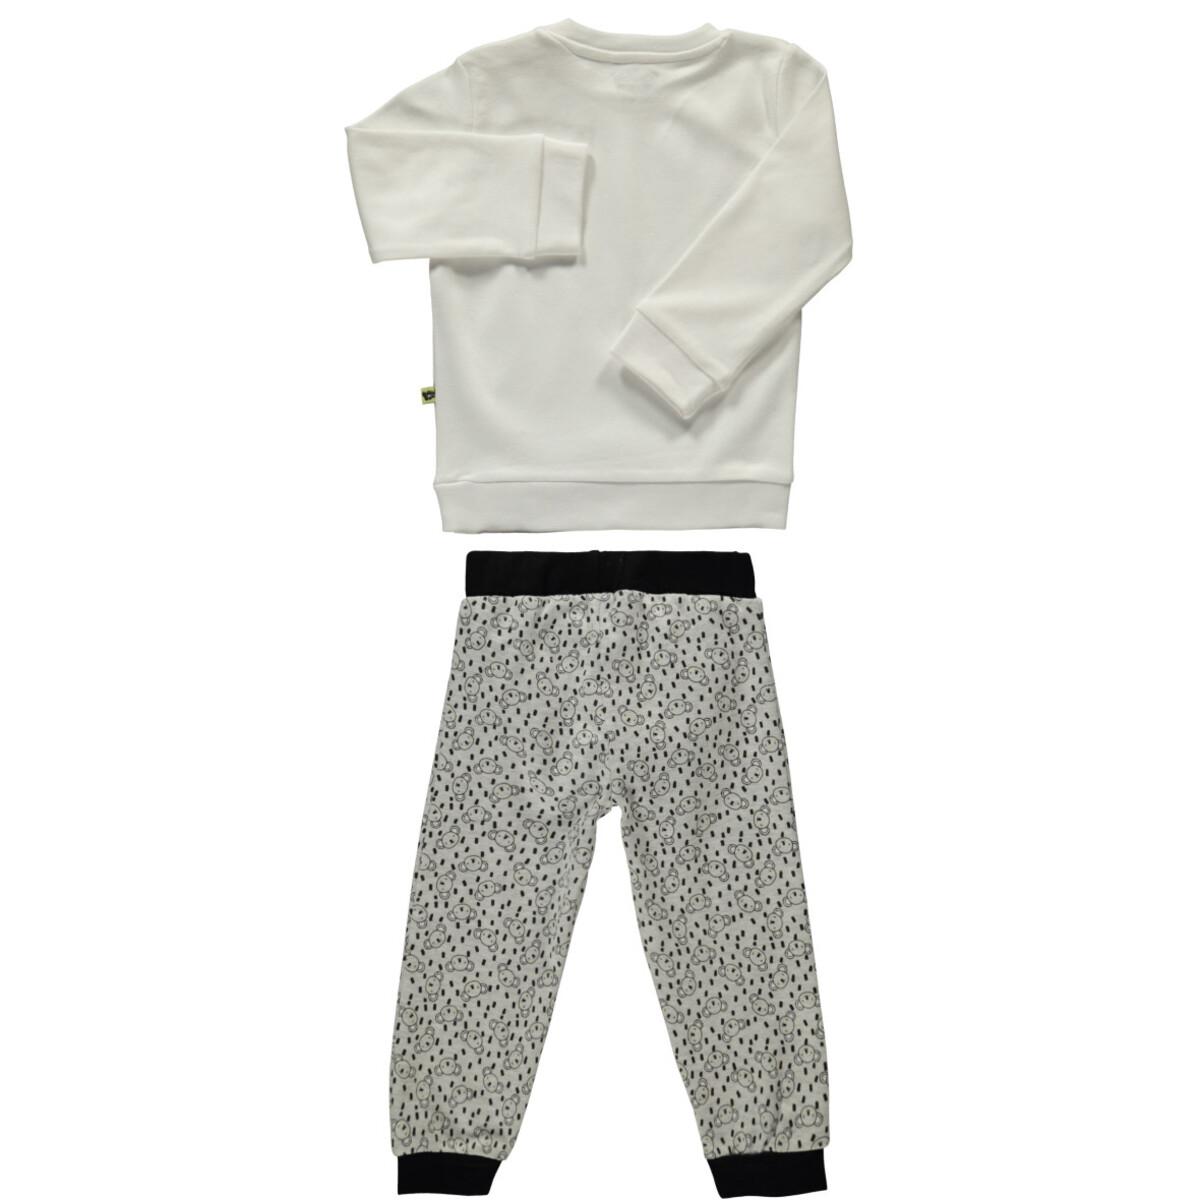 Bild 2 von Baby Pyjama mit Koala Motiv